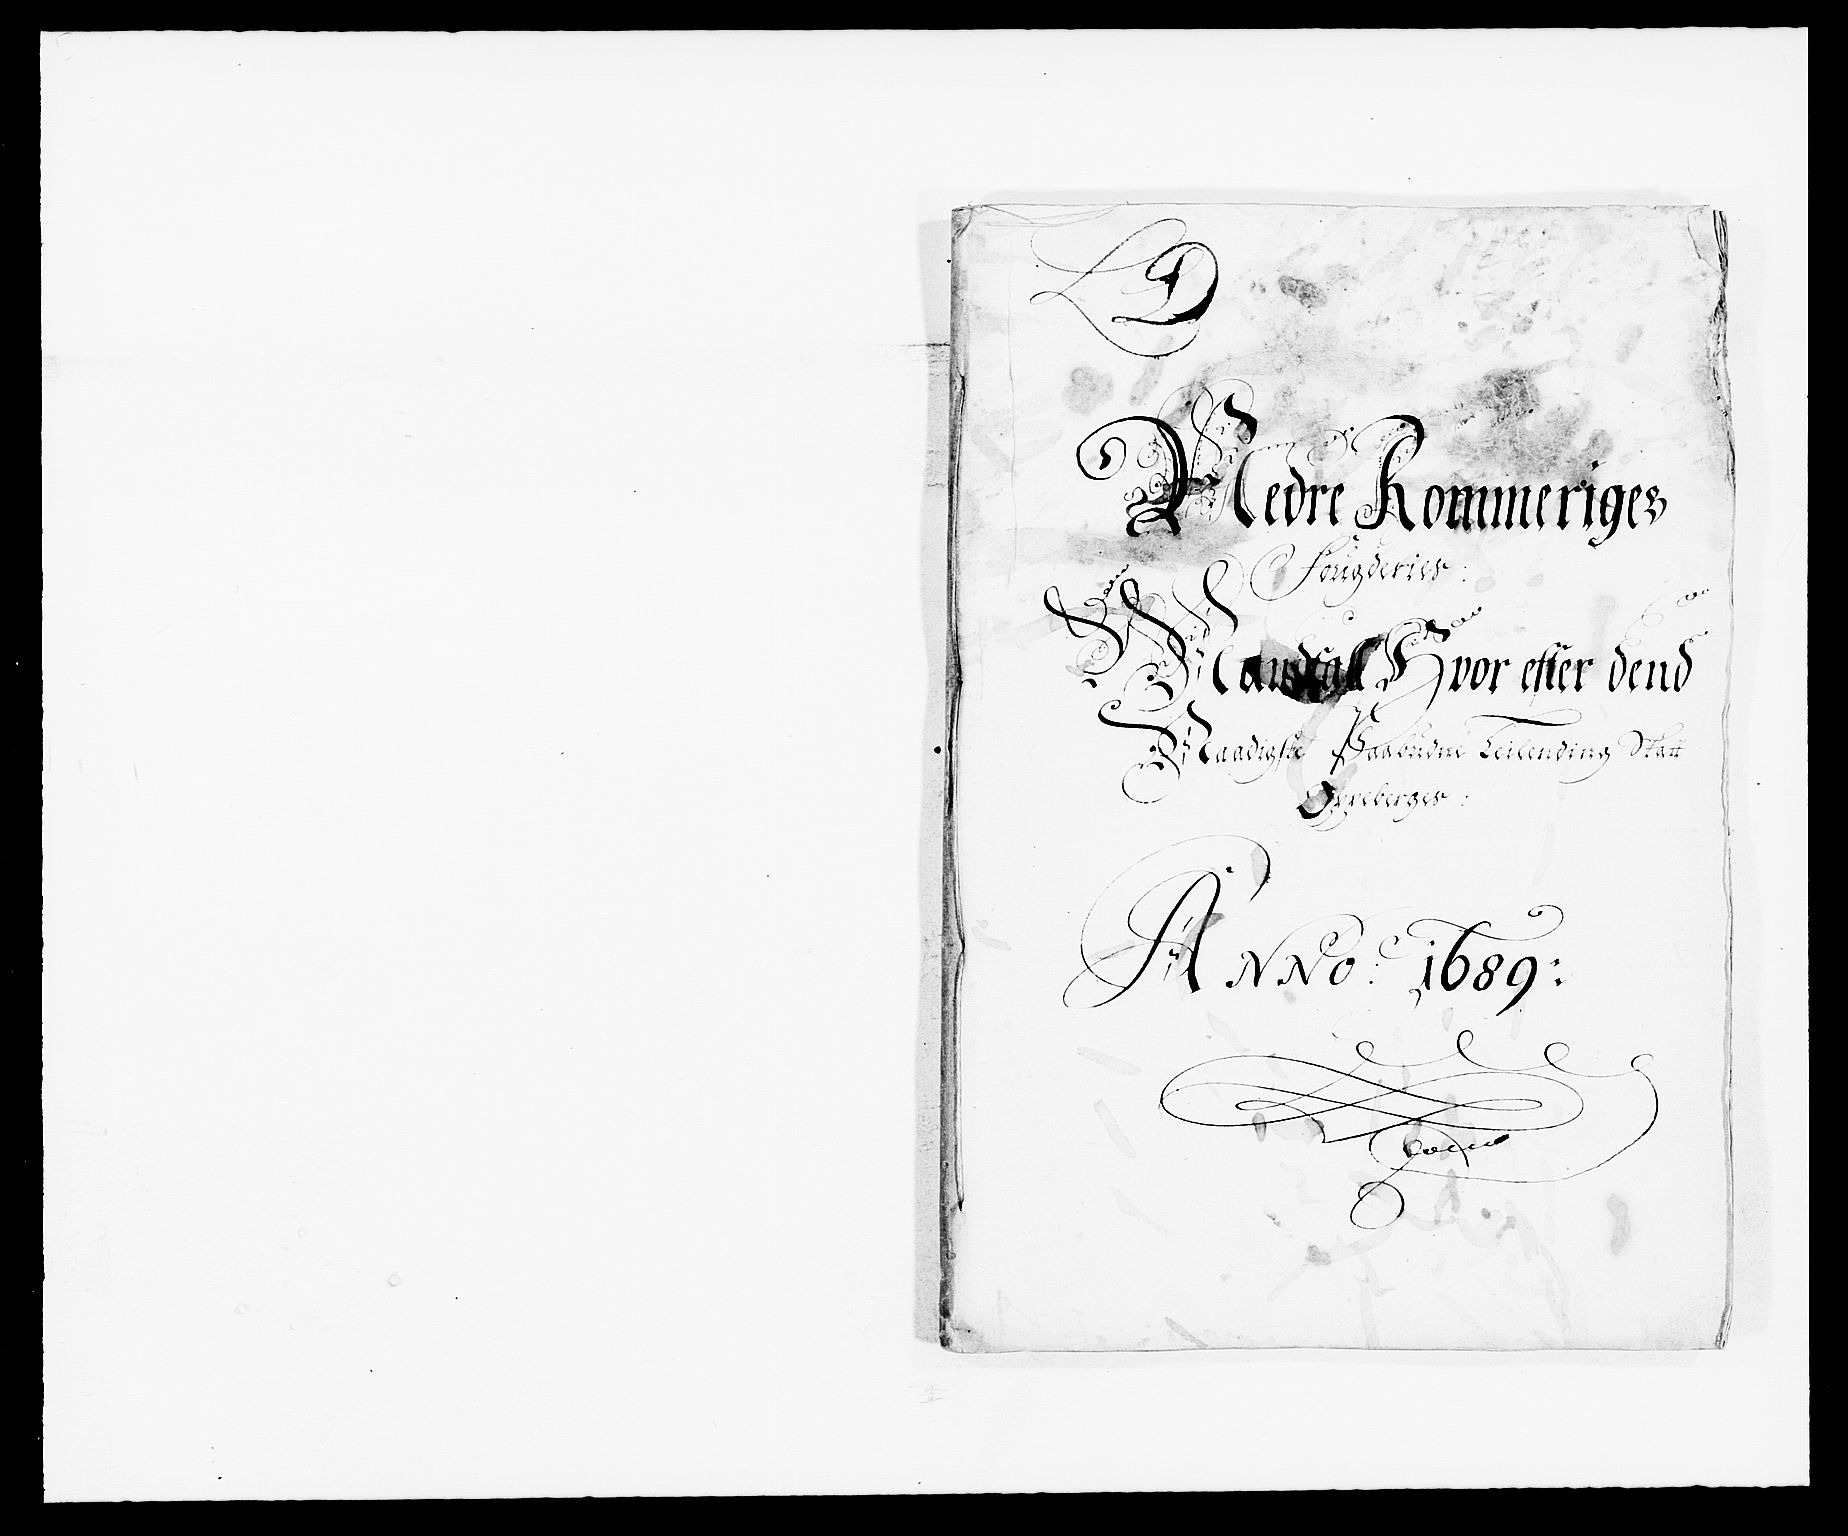 RA, Rentekammeret inntil 1814, Reviderte regnskaper, Fogderegnskap, R11/L0574: Fogderegnskap Nedre Romerike, 1689-1690, s. 14